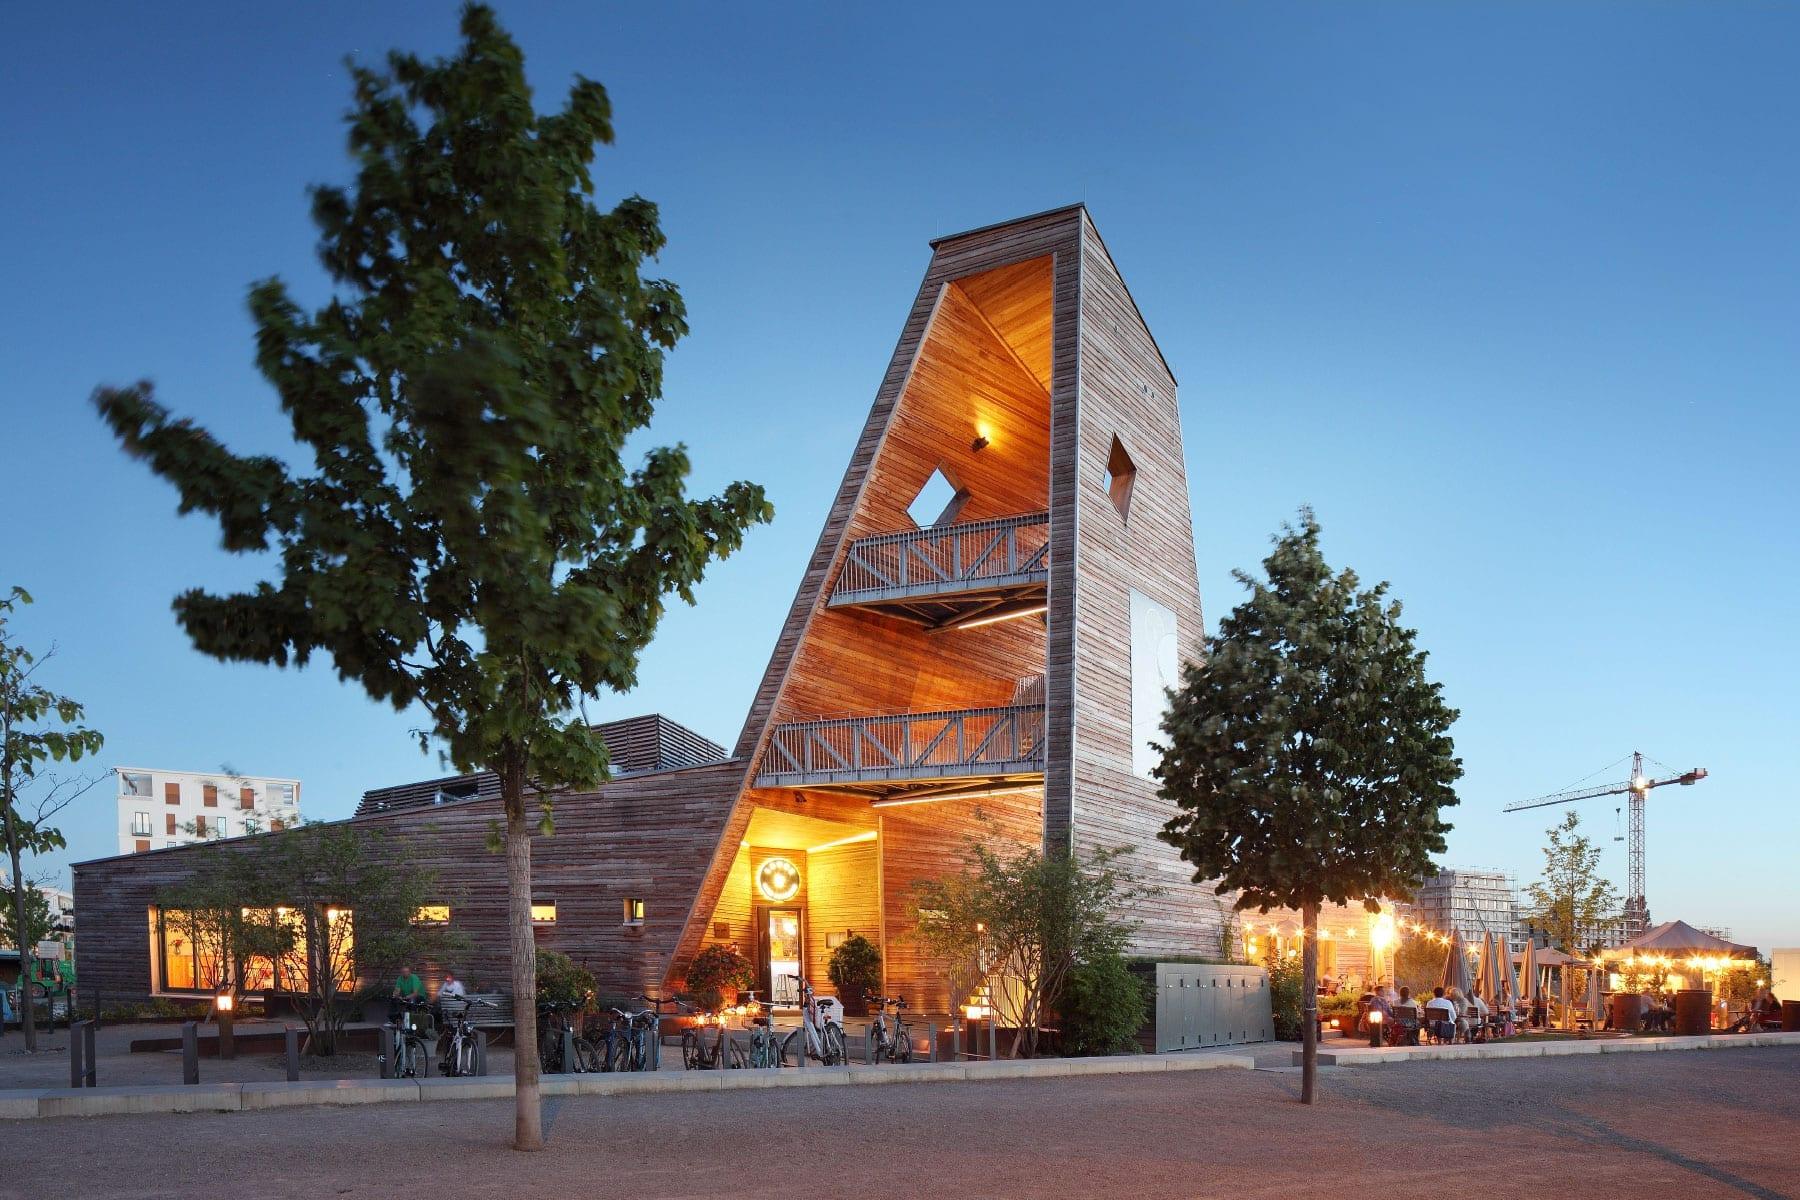 Das Restaurant Laube Liebe Hoffnung im Europaviertel